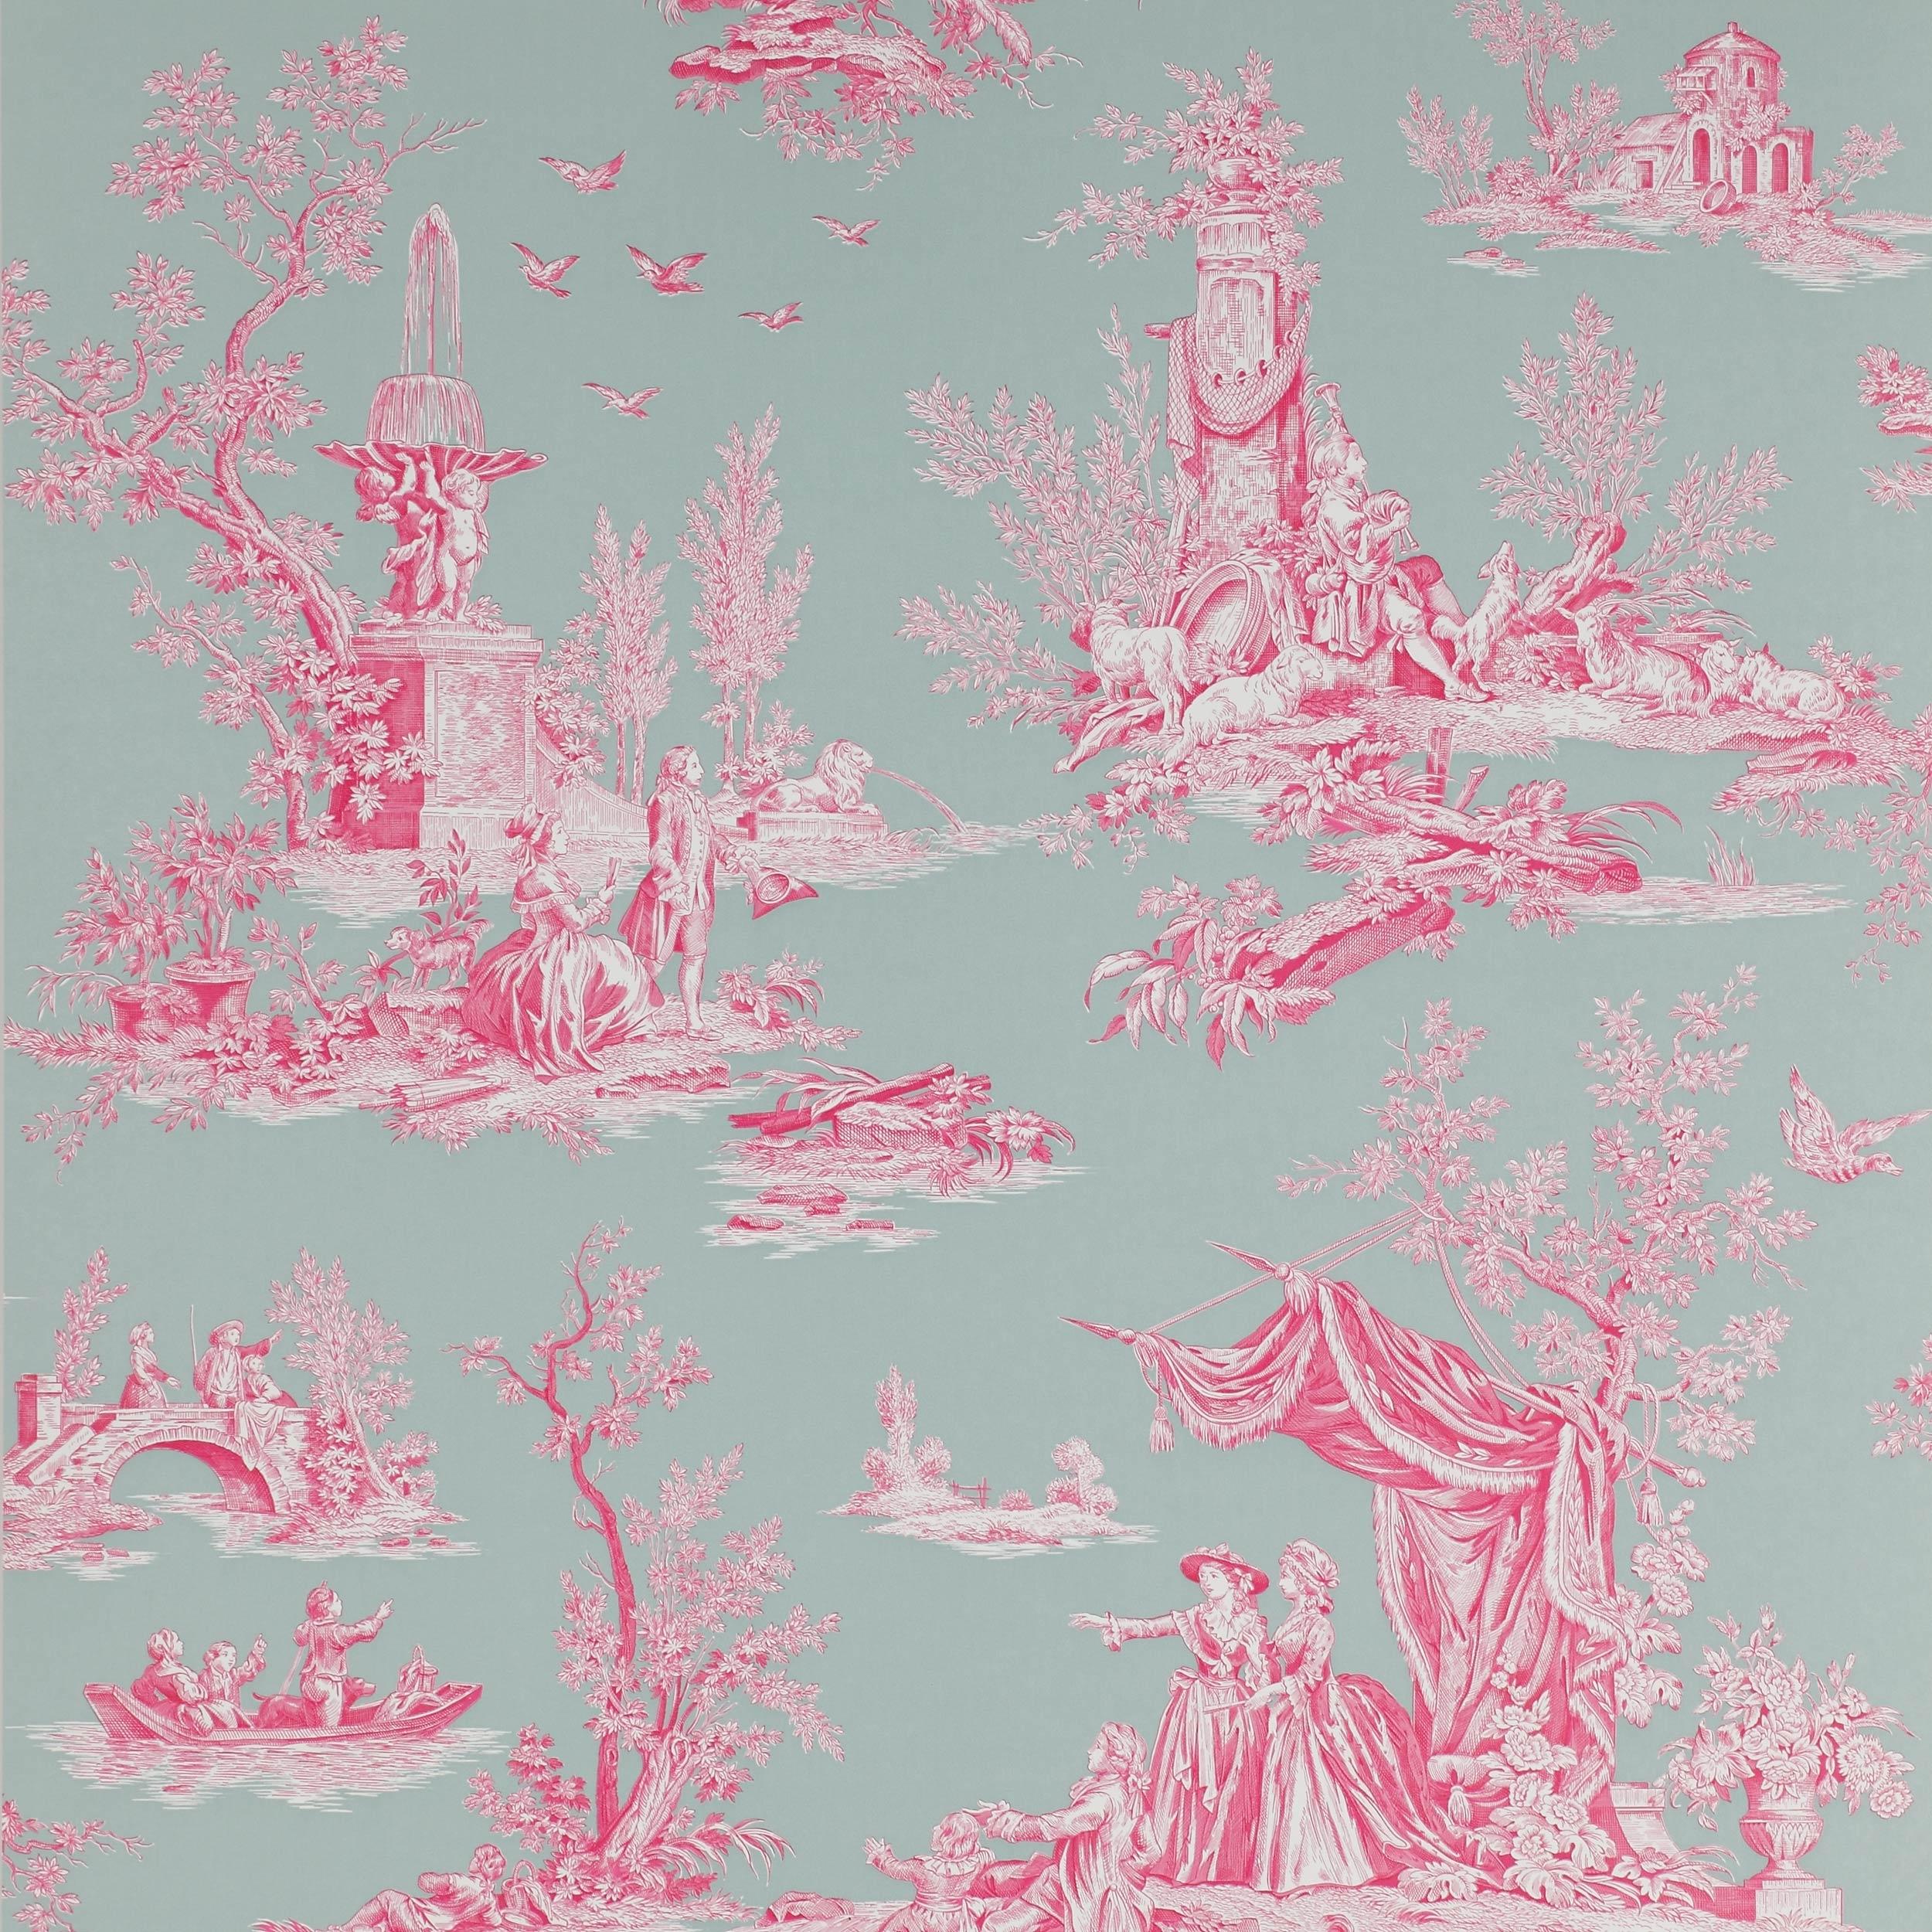 Papier peint jardin du luxembourg papiers peints par for Papier peint castorama